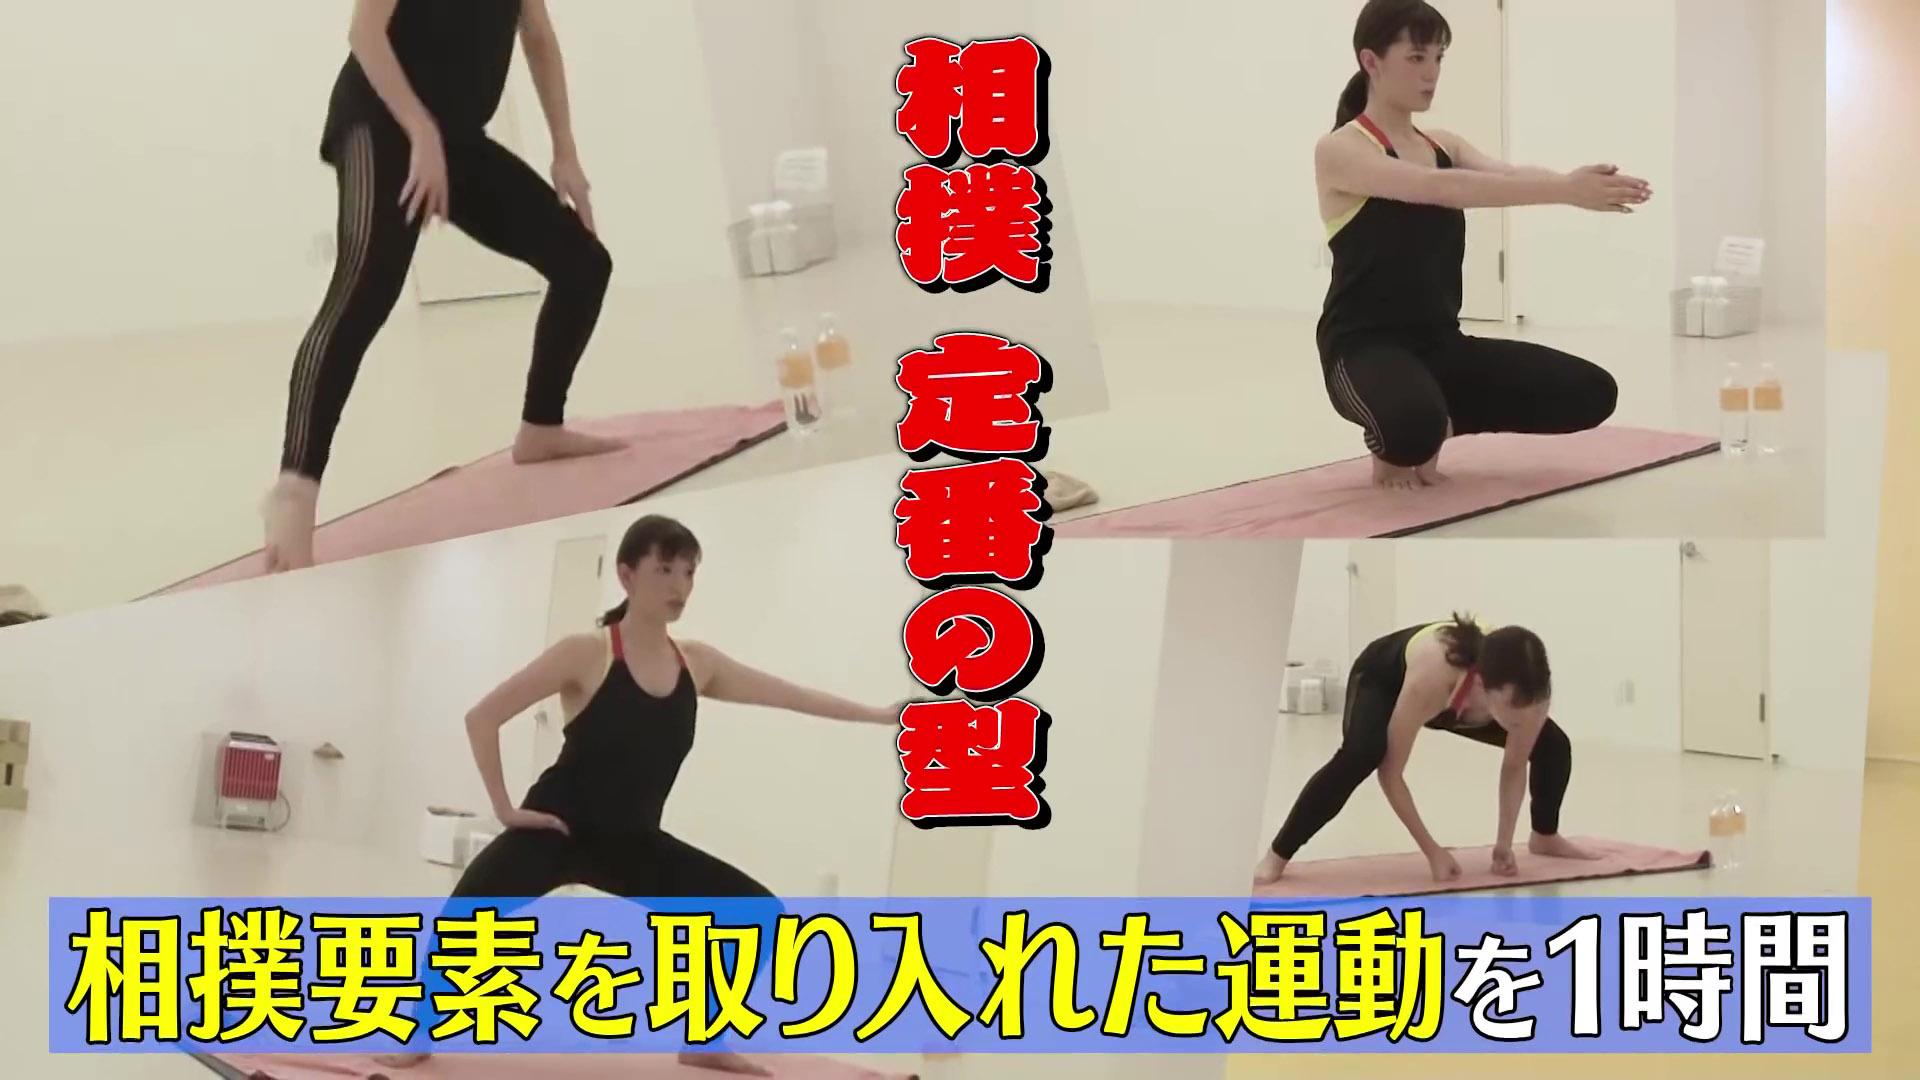 三谷紬_胸チラ_タンクトップ_youtube_13